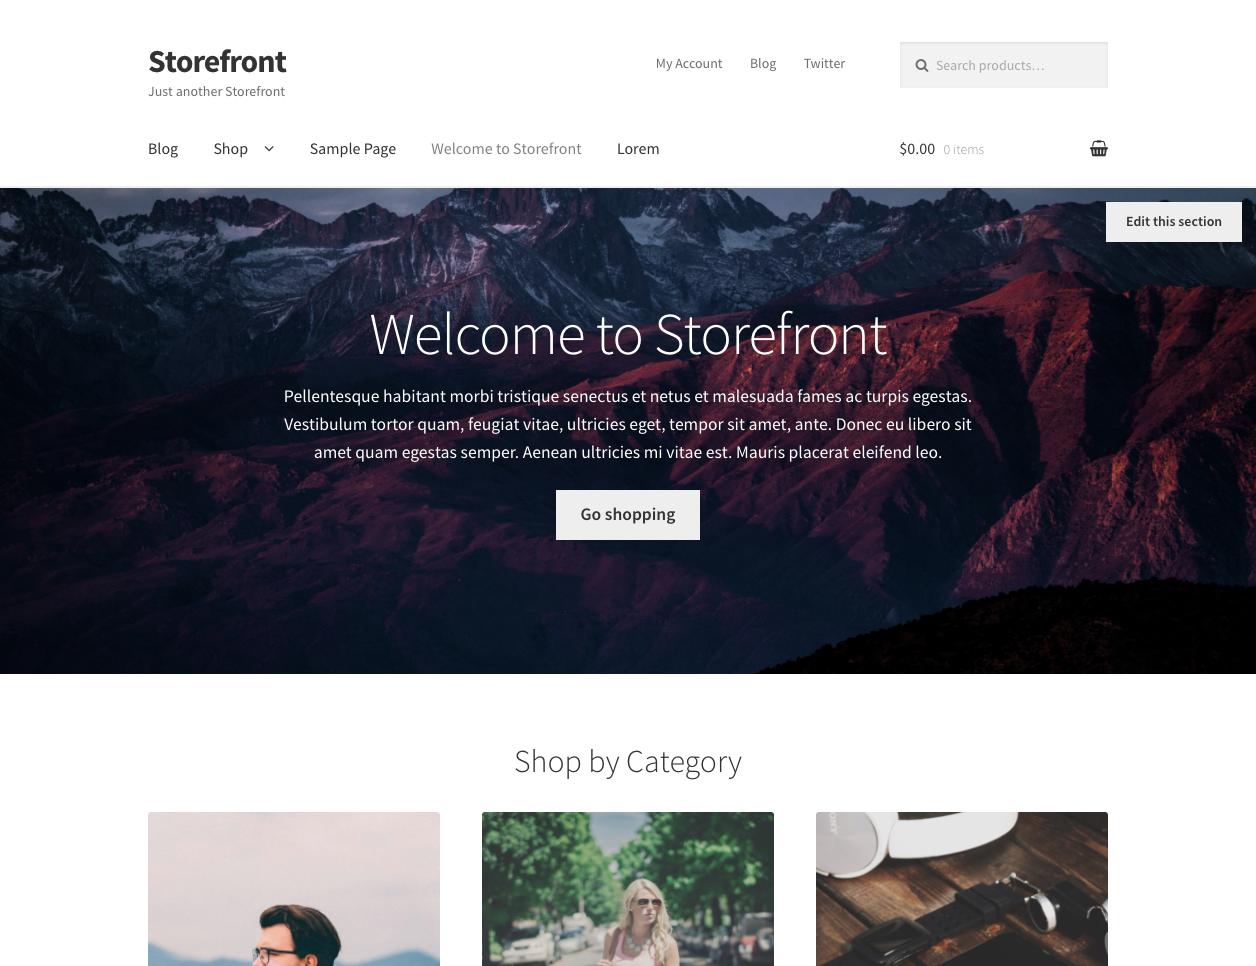 Cómo instalar Woocommerce en WordPress: paso a paso